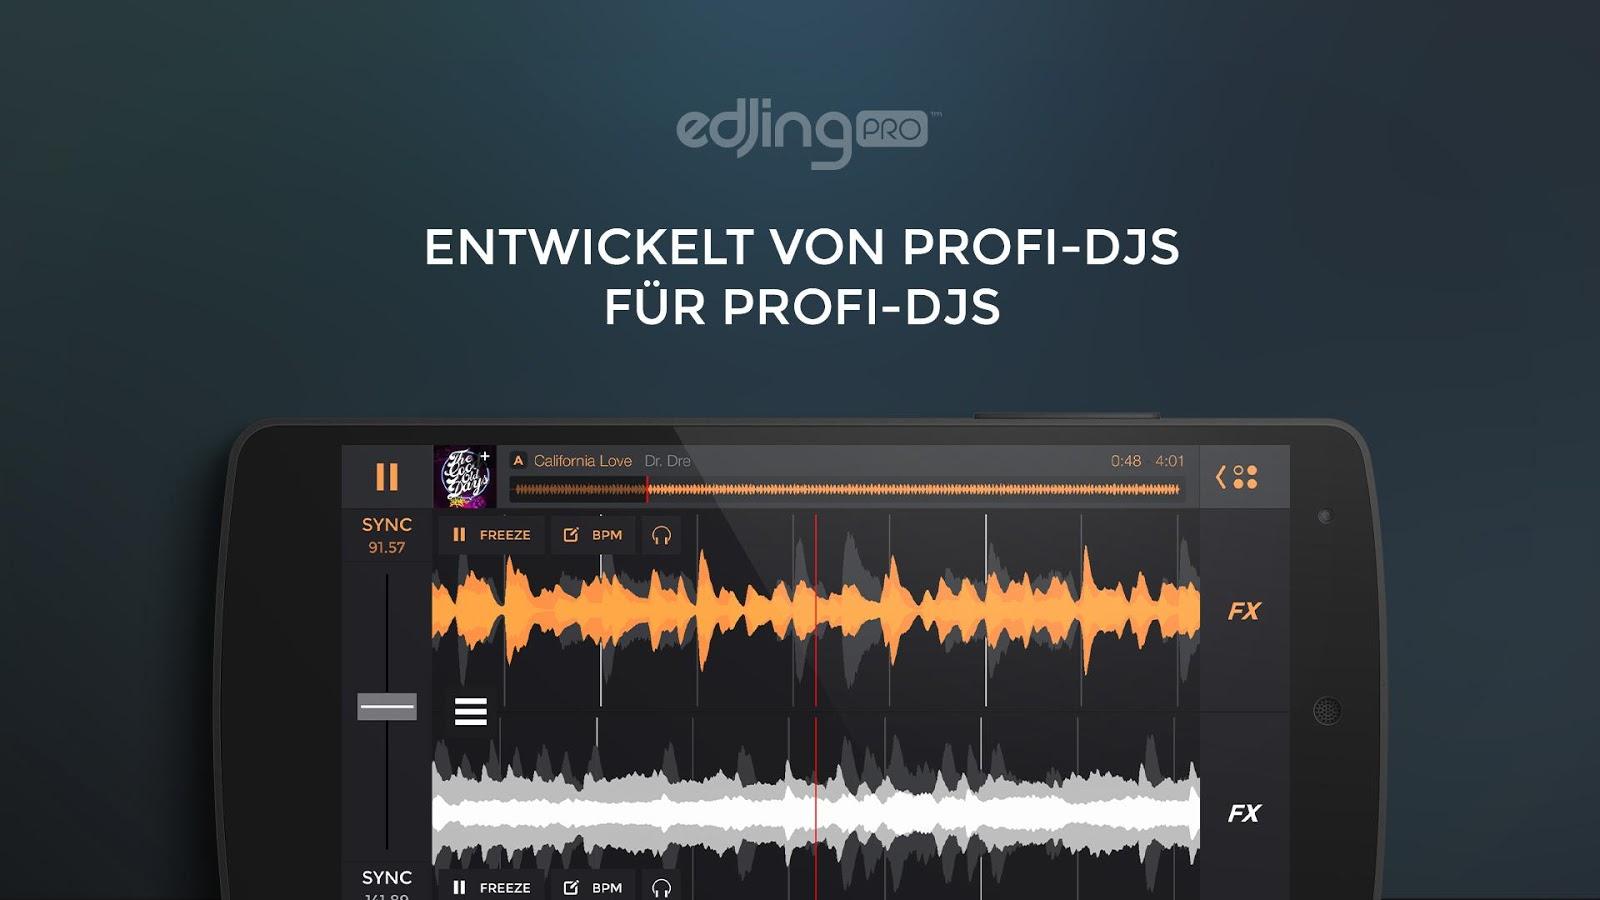 [Android - Playstore] edjing Pro - Musik DJ Mixer als App der Woche für 0,10 €